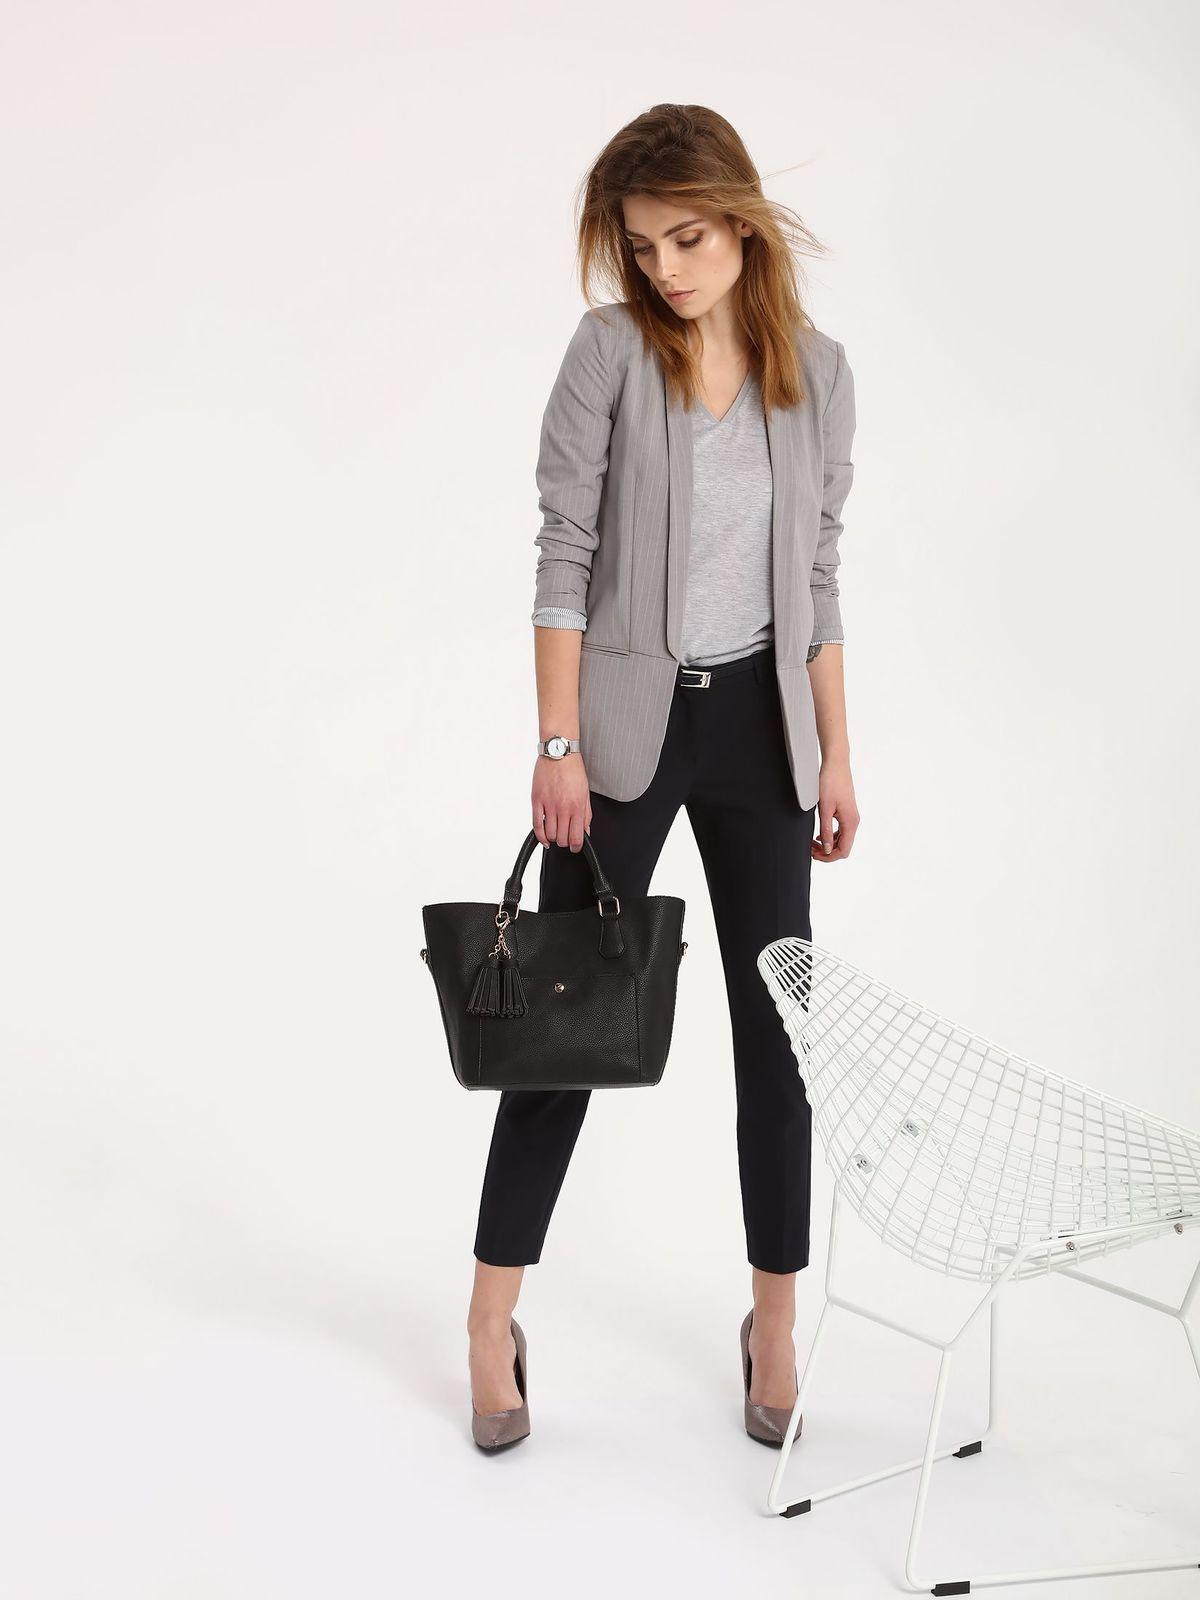 fff422a239f089 Spodnie damskie granatowe, pomarańczowe - SSP2430 spodnie długie - TOP  SECRET - Odzieżowy sklep internetowy